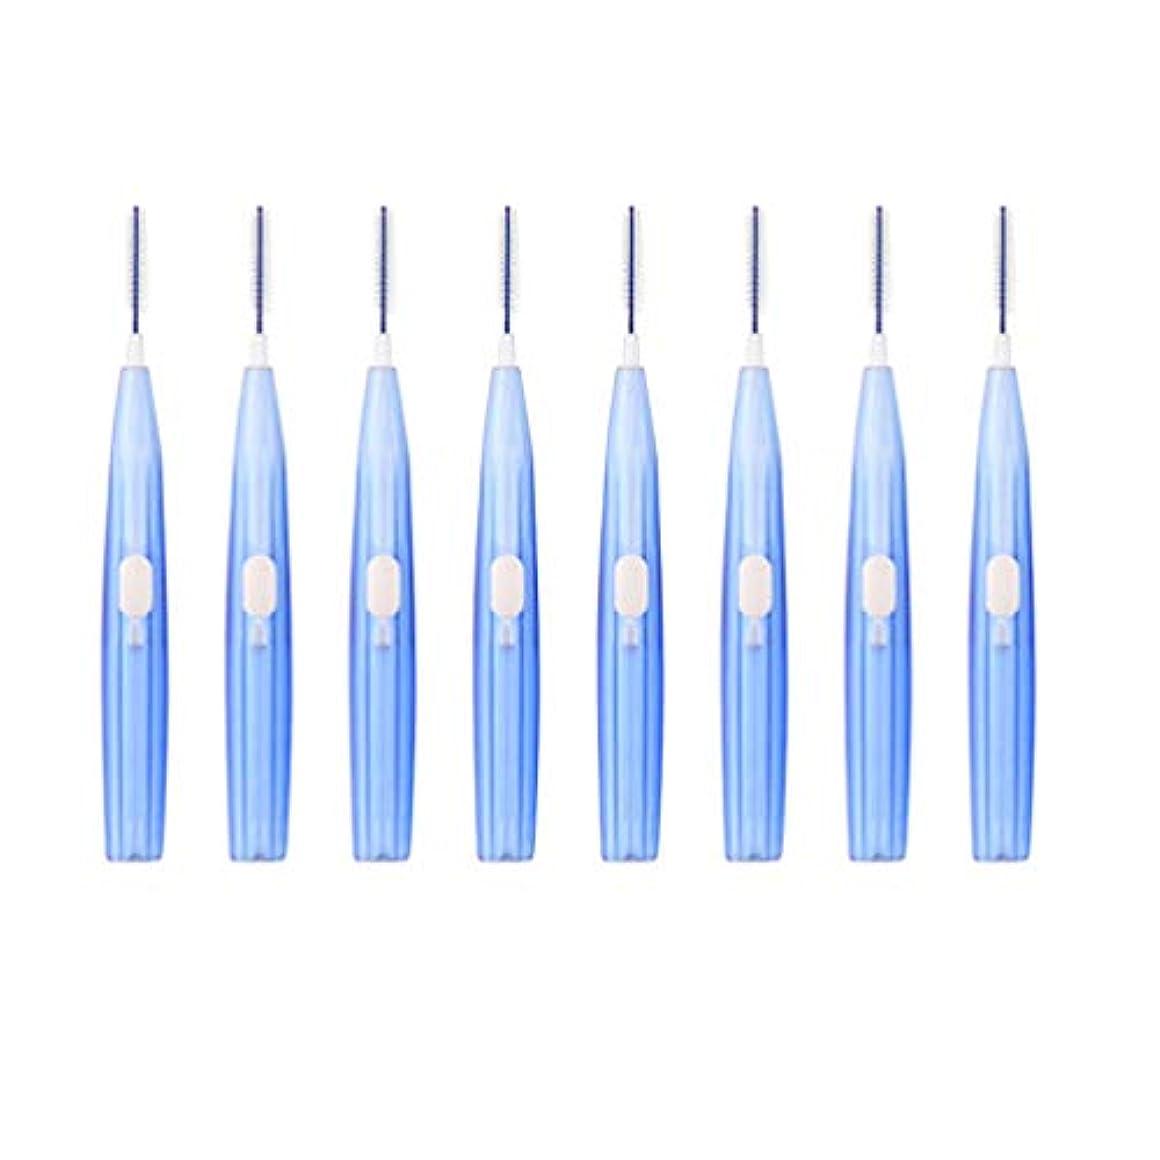 危険を冒します温度インチSUPVOX 8pcs歯間ピックデンタルブラシピックダブルヘッドデンタルフロス歯間クリーナー(青)